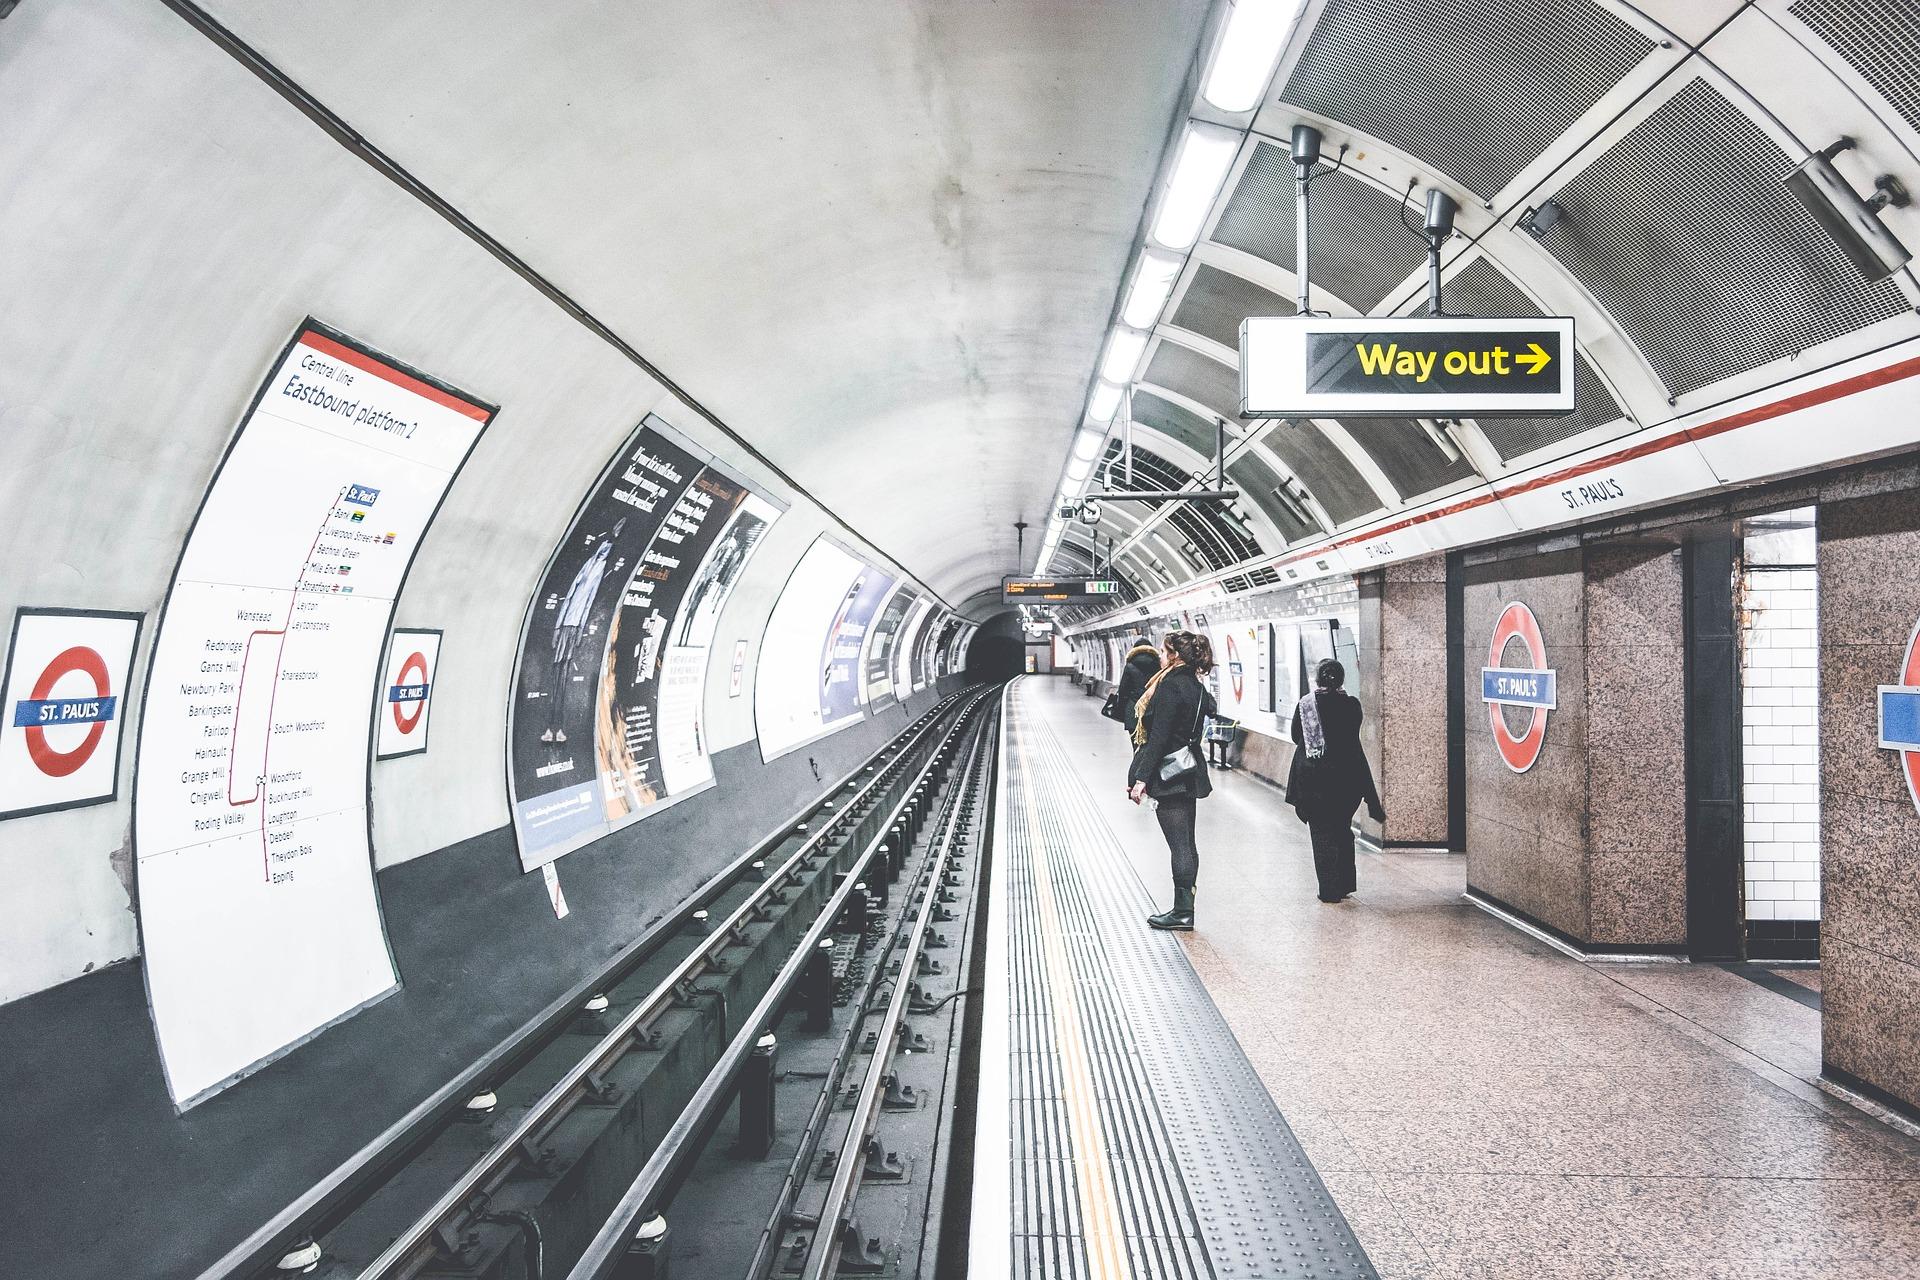 メトロ, ロンドン, 駅, イギリス, Anden, あなたを待ってください。 - HD の壁紙 - 教授-falken.com